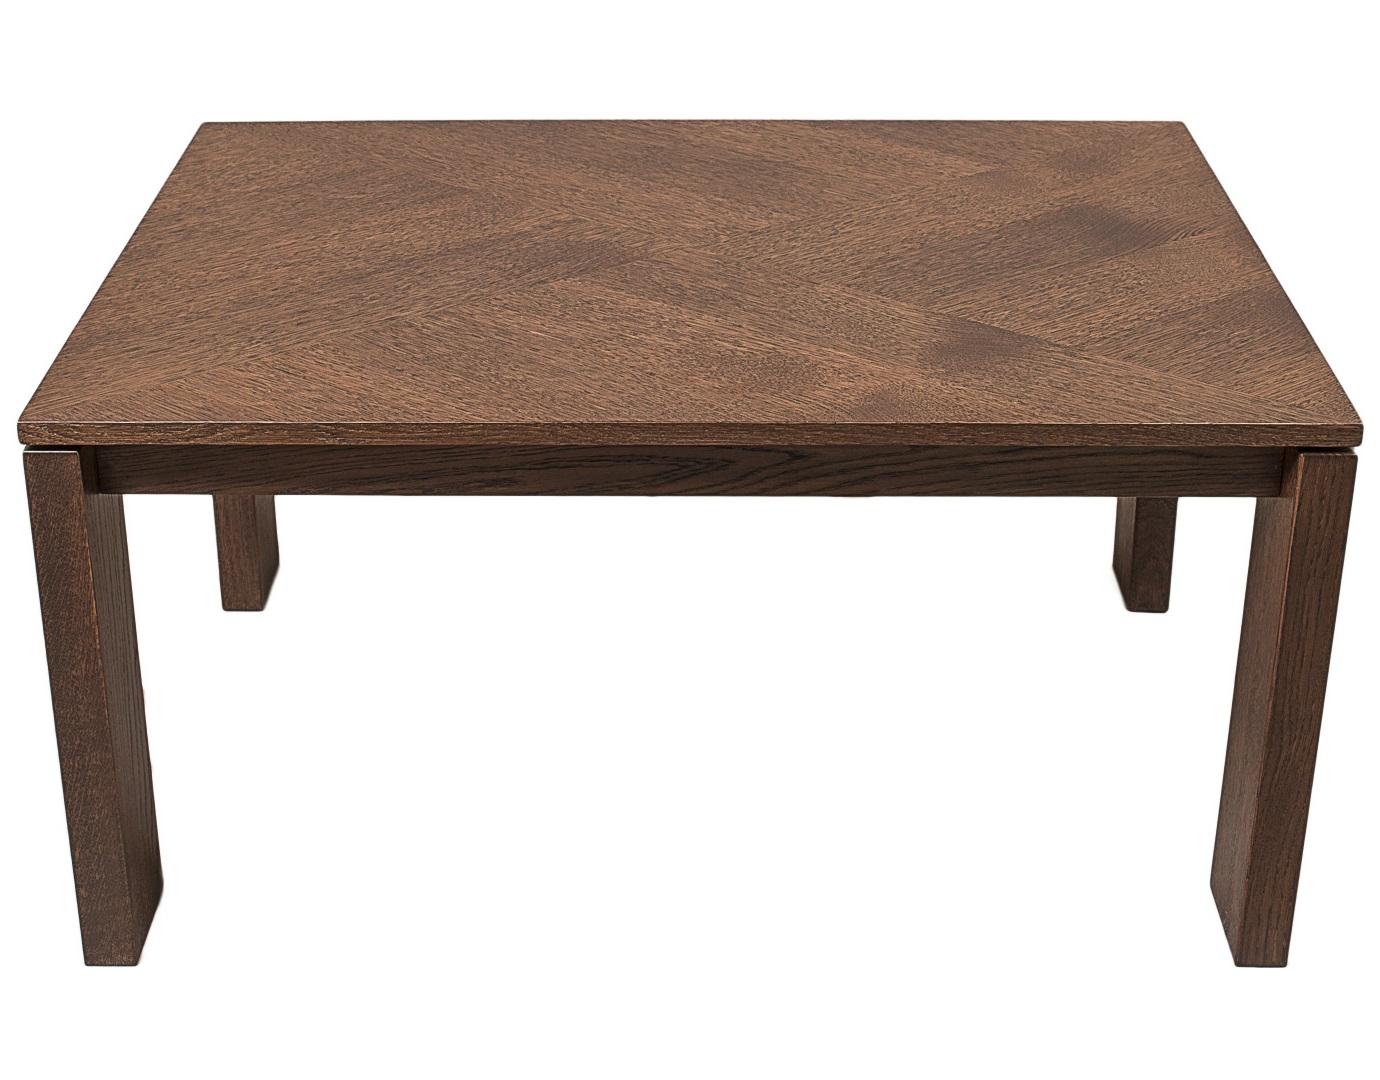 Журнальный стол EaseЖурнальные столики<br>Журнальный столик с оригинальным рисунком пересекающихся текстур. Название Ease в переводе с английского - легкость, непринужденность. Мы назвали эту модель так потому, что столик воспринимается очень легким, буквально невесомым и легко впишется в интерьер вашей гостиной.&amp;amp;nbsp;&amp;lt;div&amp;gt;&amp;lt;br&amp;gt;&amp;lt;/div&amp;gt;&amp;lt;div&amp;gt;Возможно изготовление в других размерах и цвете.&amp;amp;nbsp;&amp;lt;/div&amp;gt;&amp;lt;div&amp;gt;Поставляется в готовом виде — сборка не требуется.<br>&amp;lt;/div&amp;gt;<br><br>Material: Дерево<br>Length см: None<br>Width см: 90<br>Depth см: 64<br>Height см: 45.5